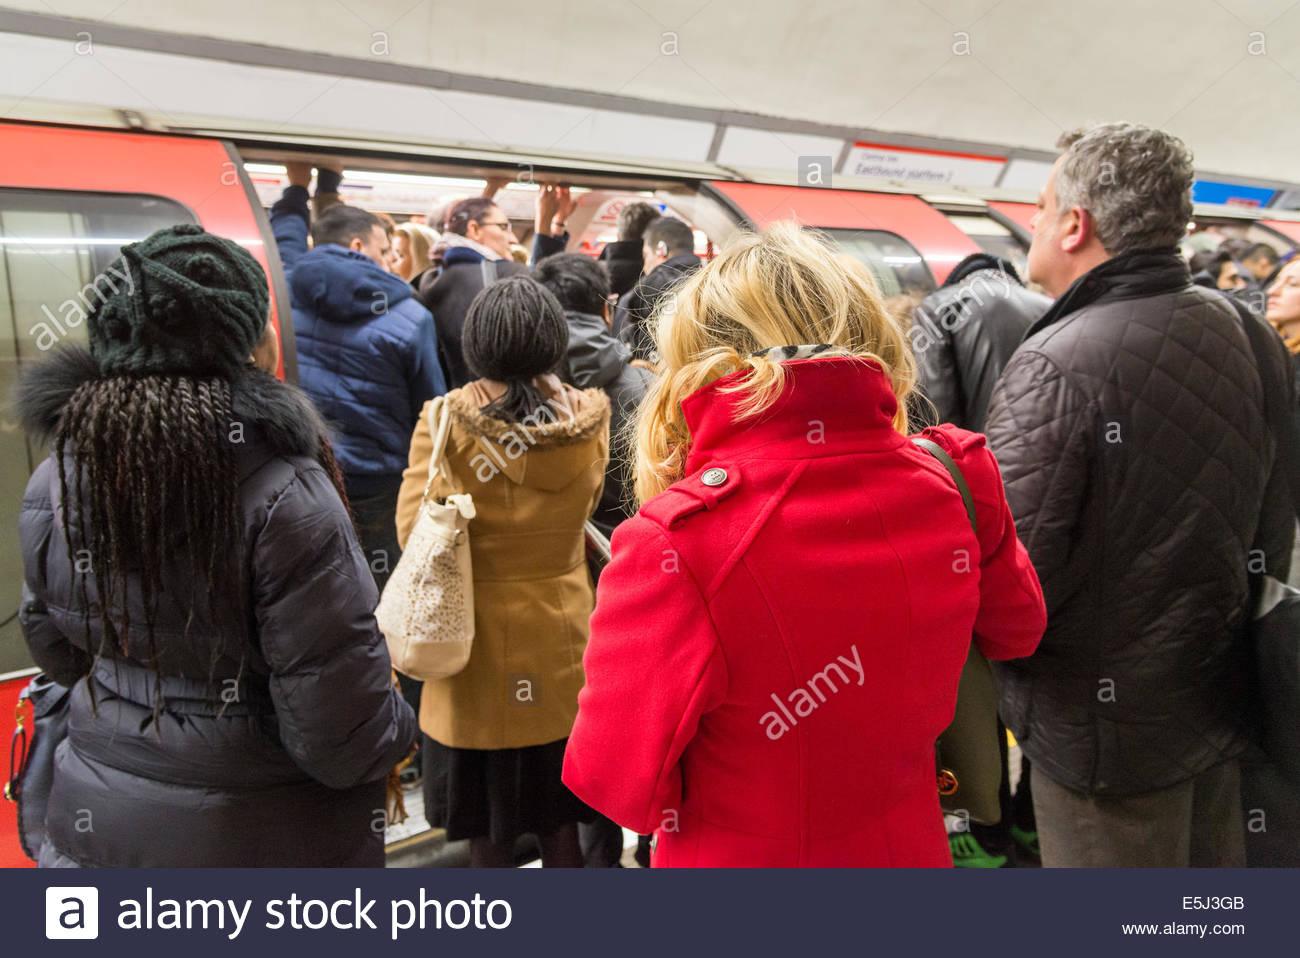 Die pendler Board überfüllten Central Line U-Bahn Wagen während der morgendlichen Rush hour, England, Stockbild